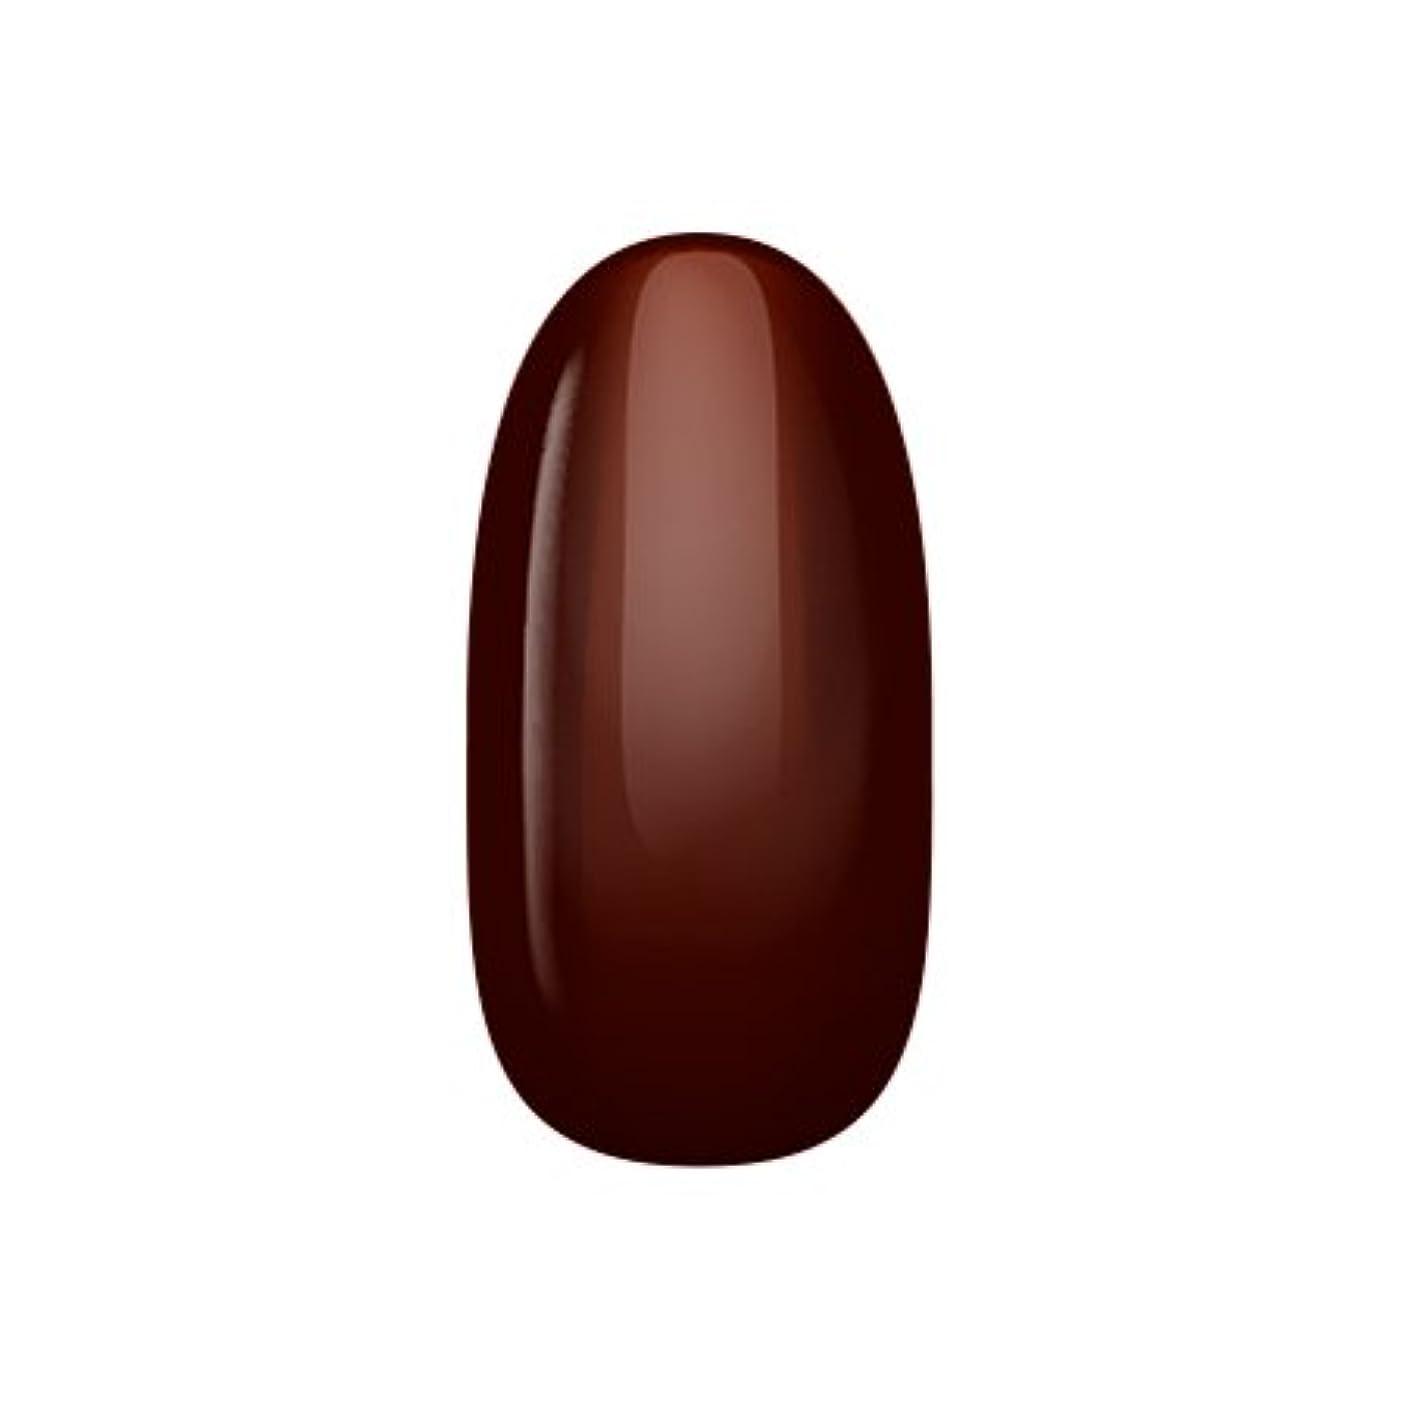 クスクスベースアイニティ ハイエンドカラー BR-01M ビターチョコレート 3g